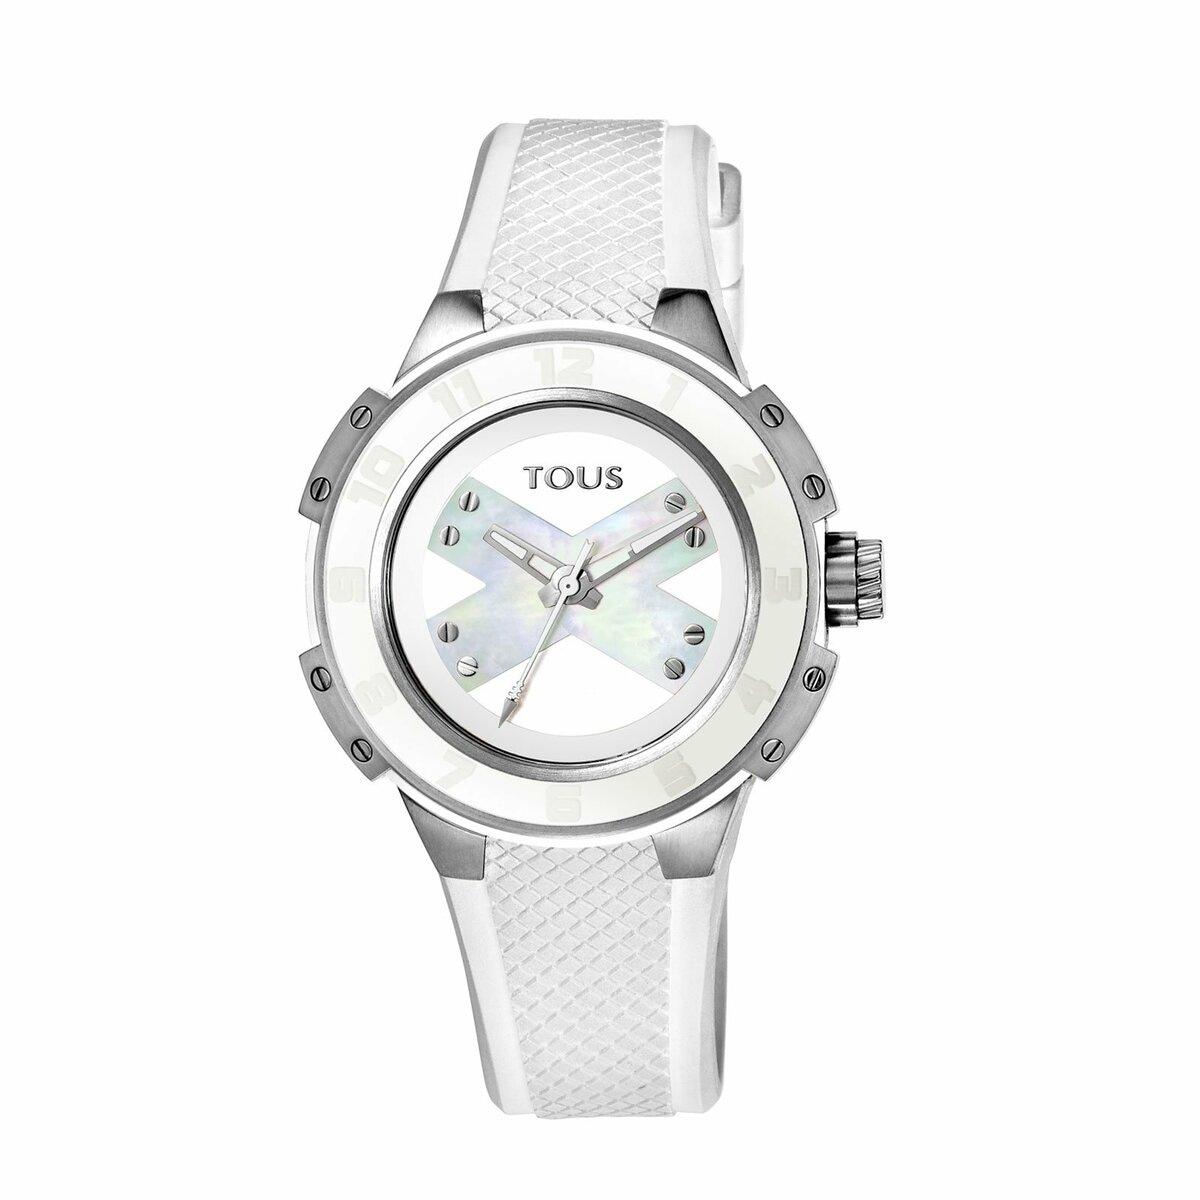 Reloj Xtous Lady de acero con correa de silicona blanca